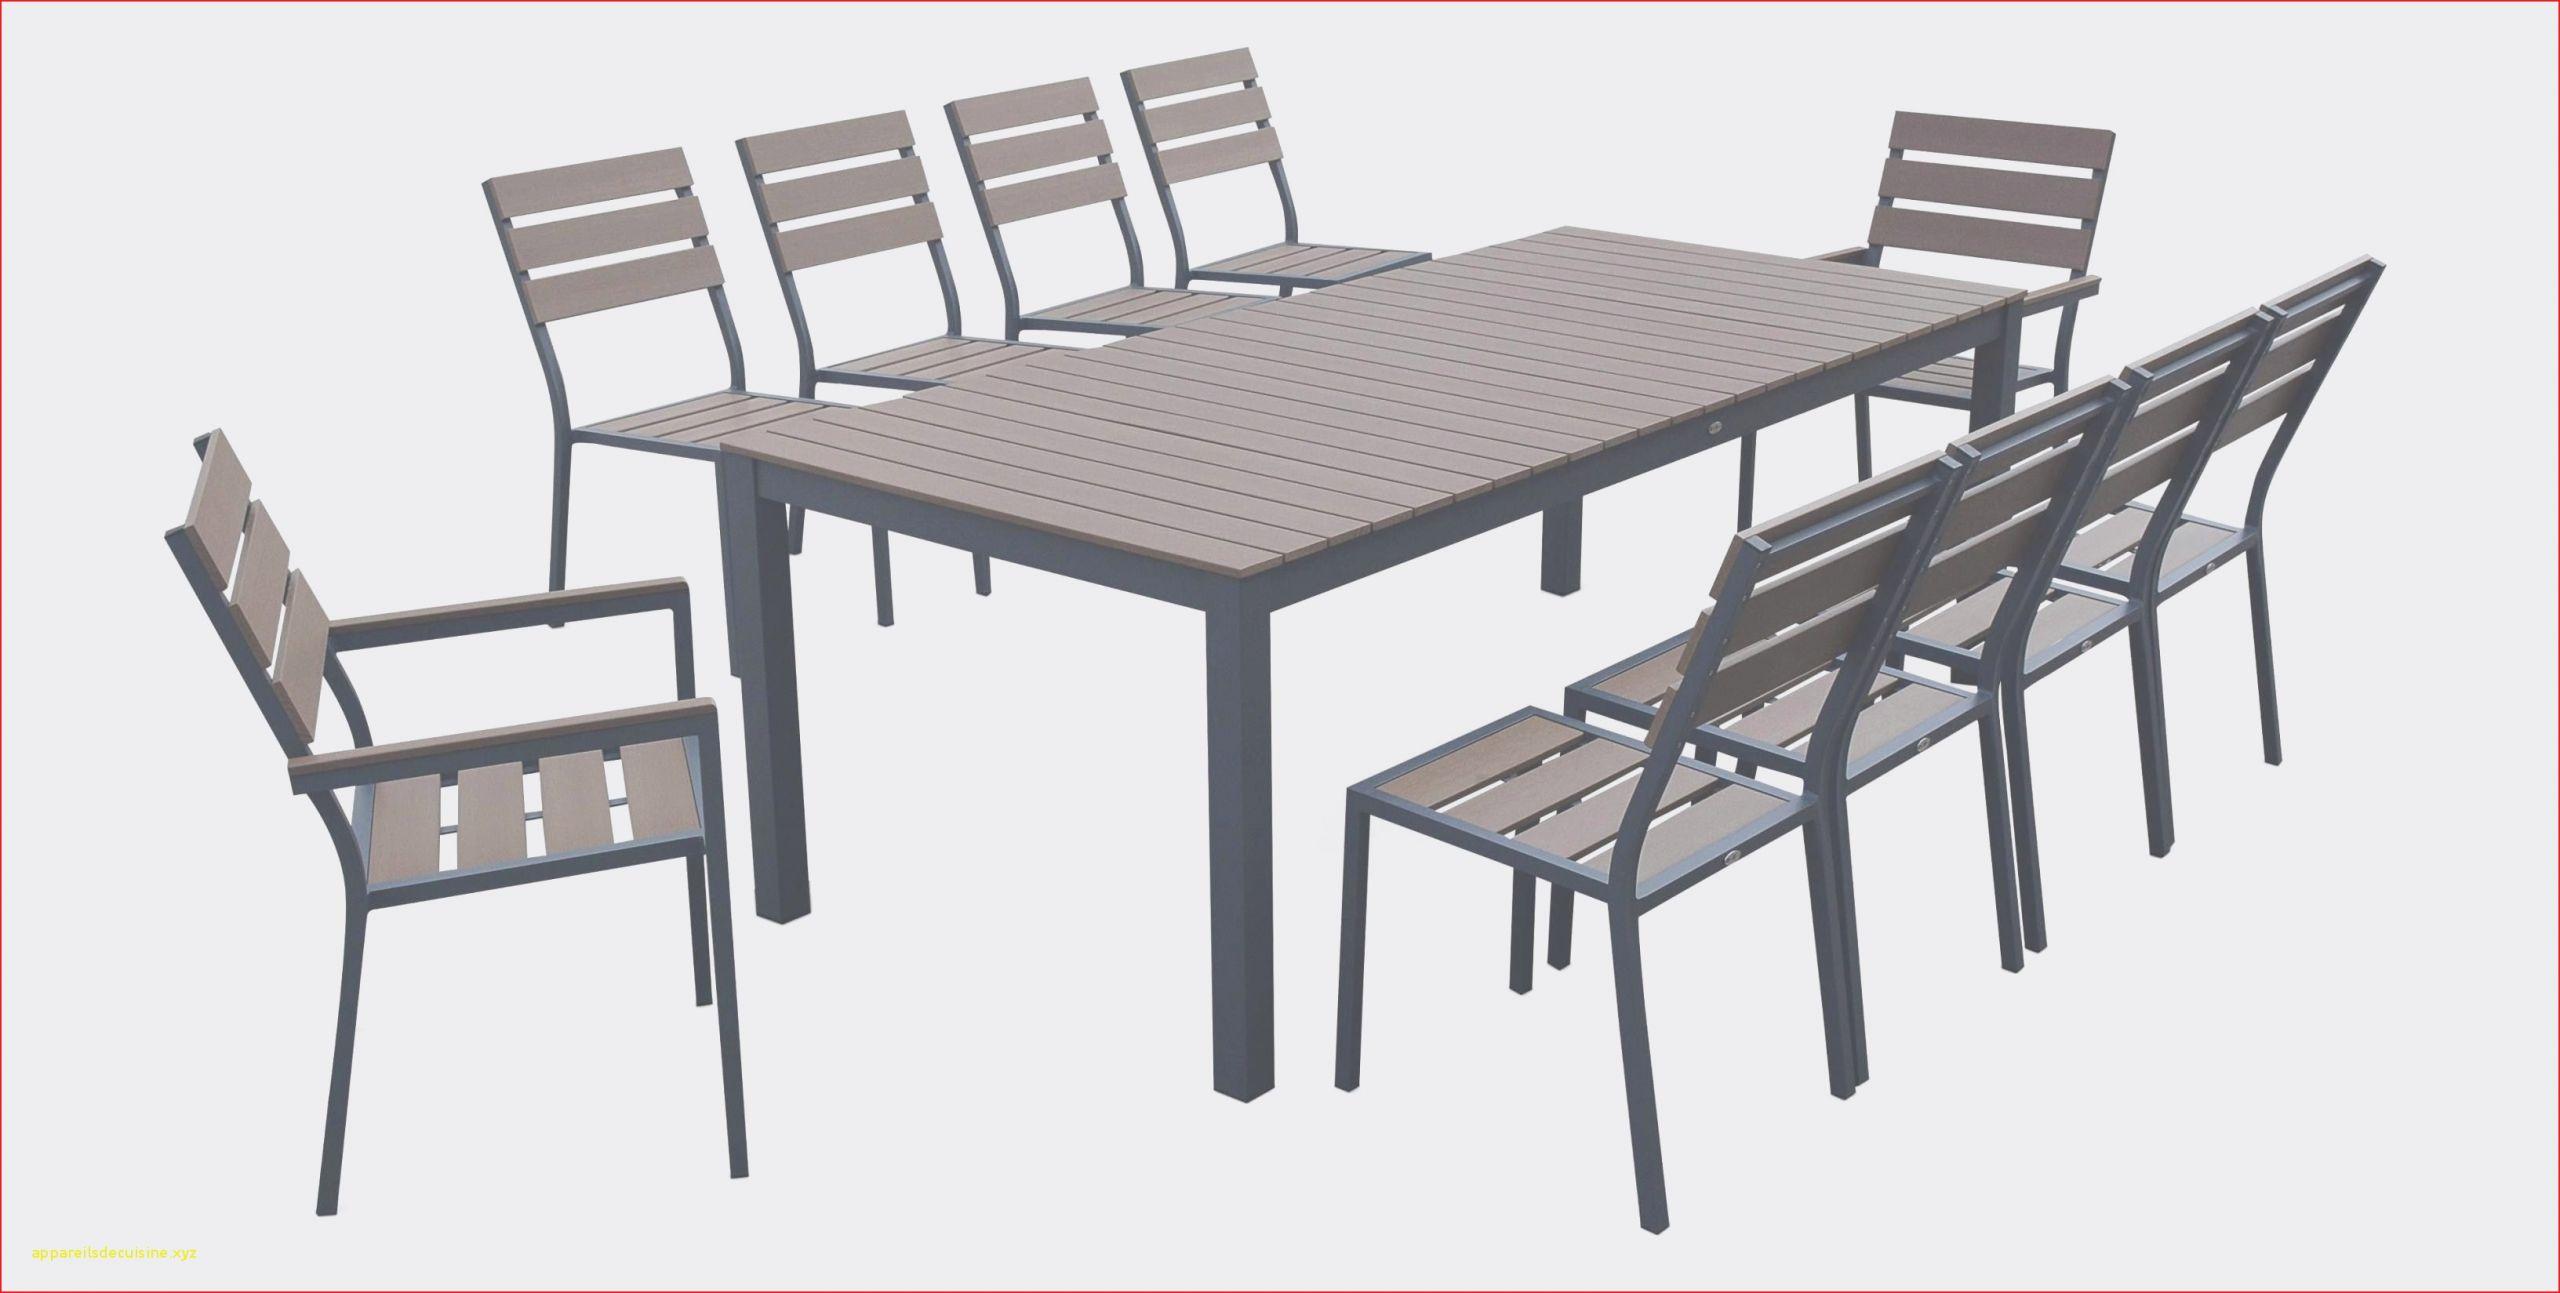 table de jardin enfants table jardin exterieur table salle a manger of table de jardin enfants